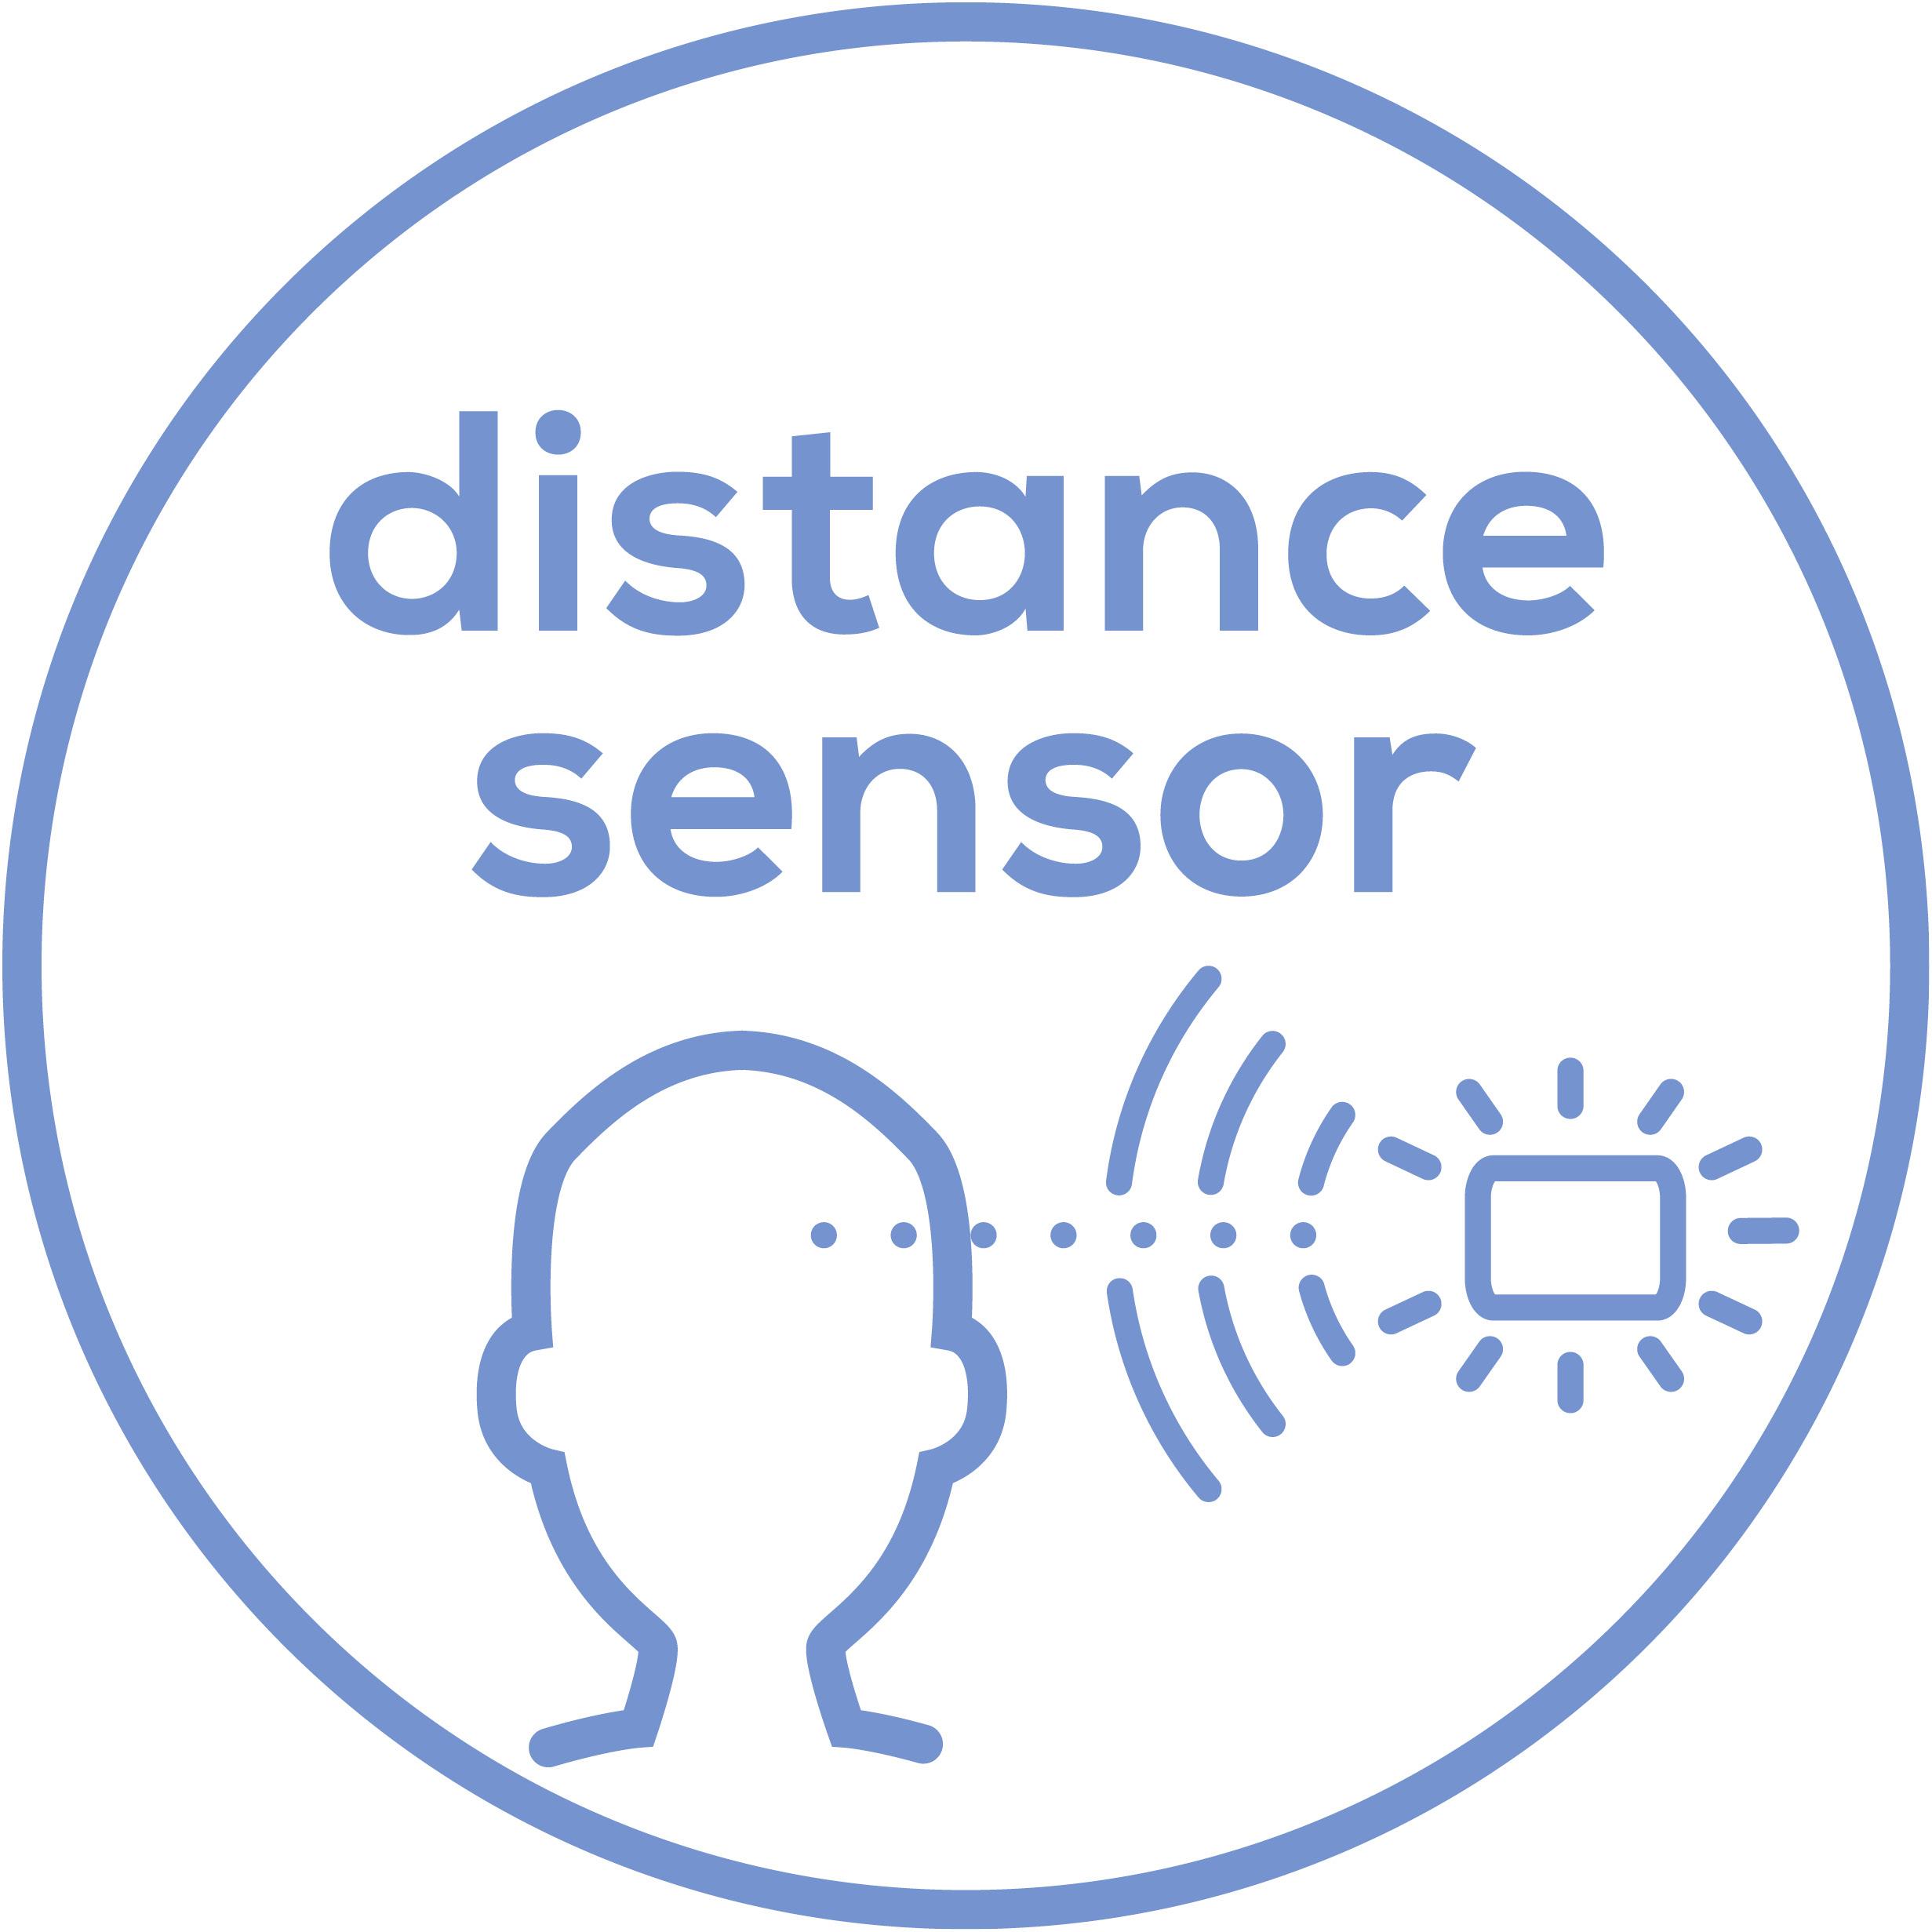 Датчик расстояния Прибор оснащен датчиком расстояния.